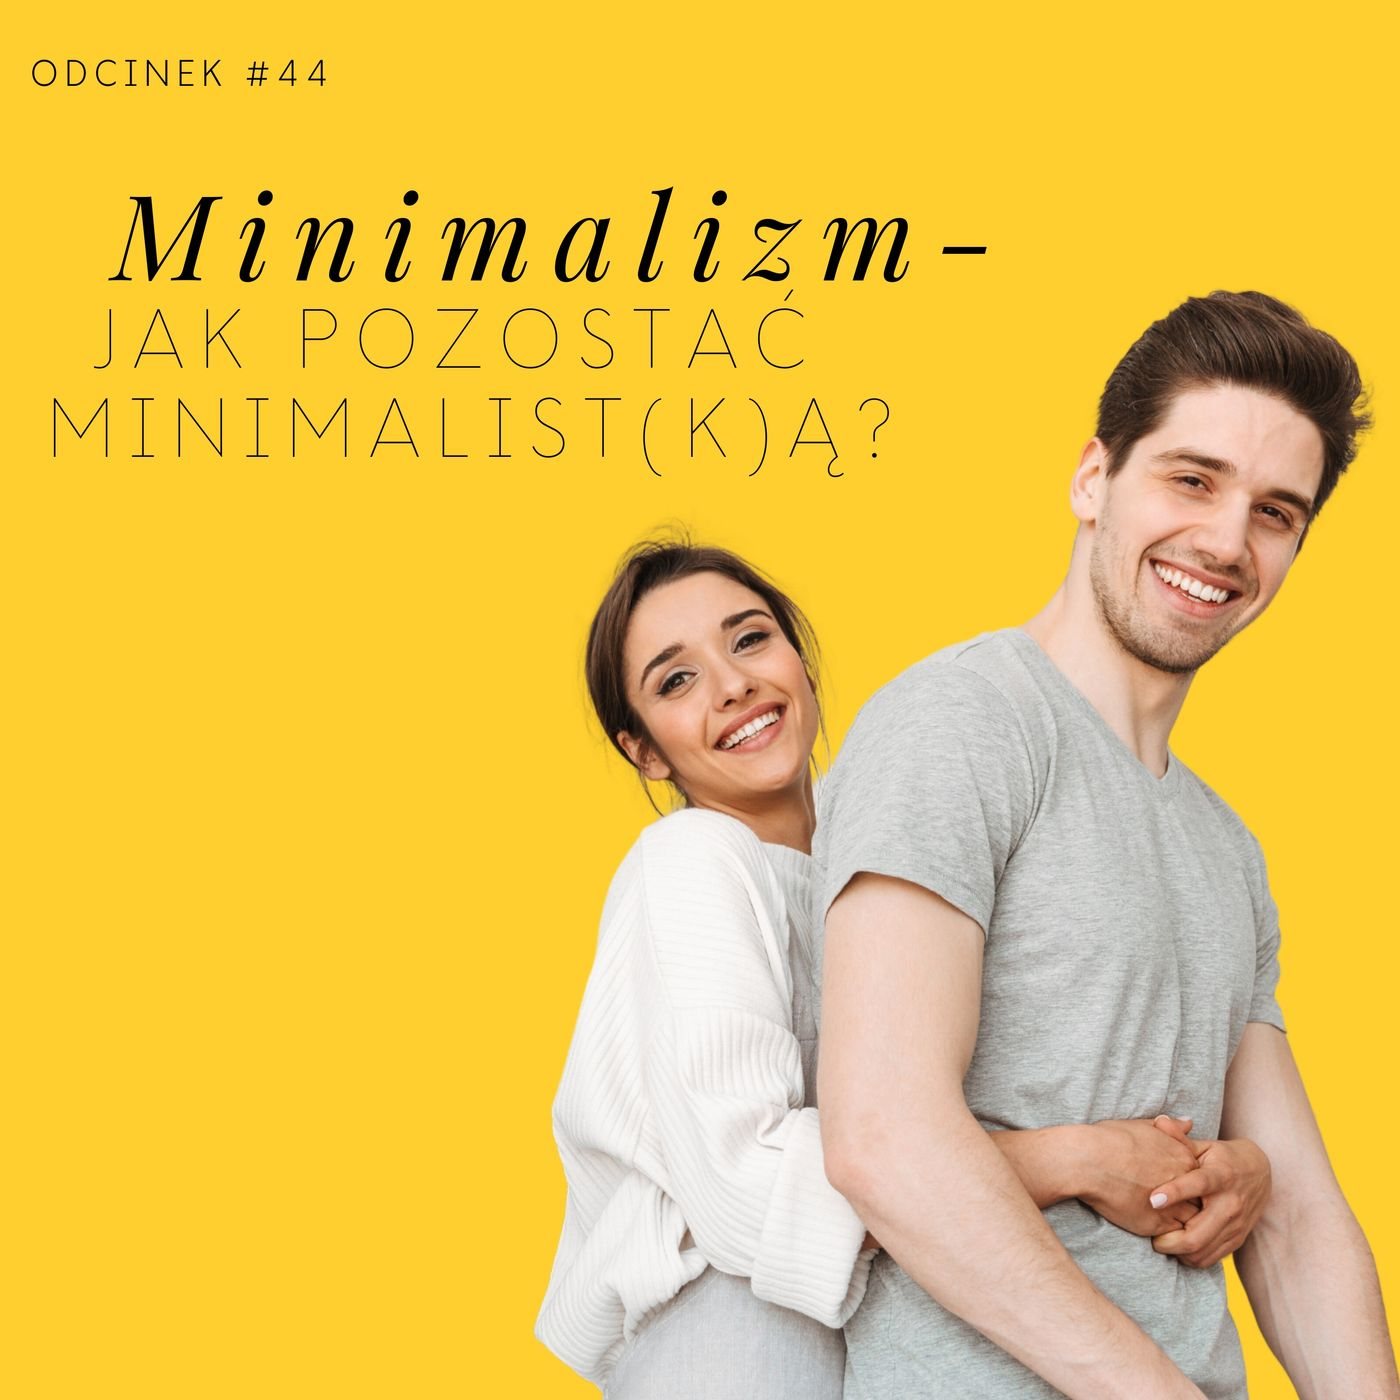 #44 Jak pozostać minimalist(k)ą? - minimalizm